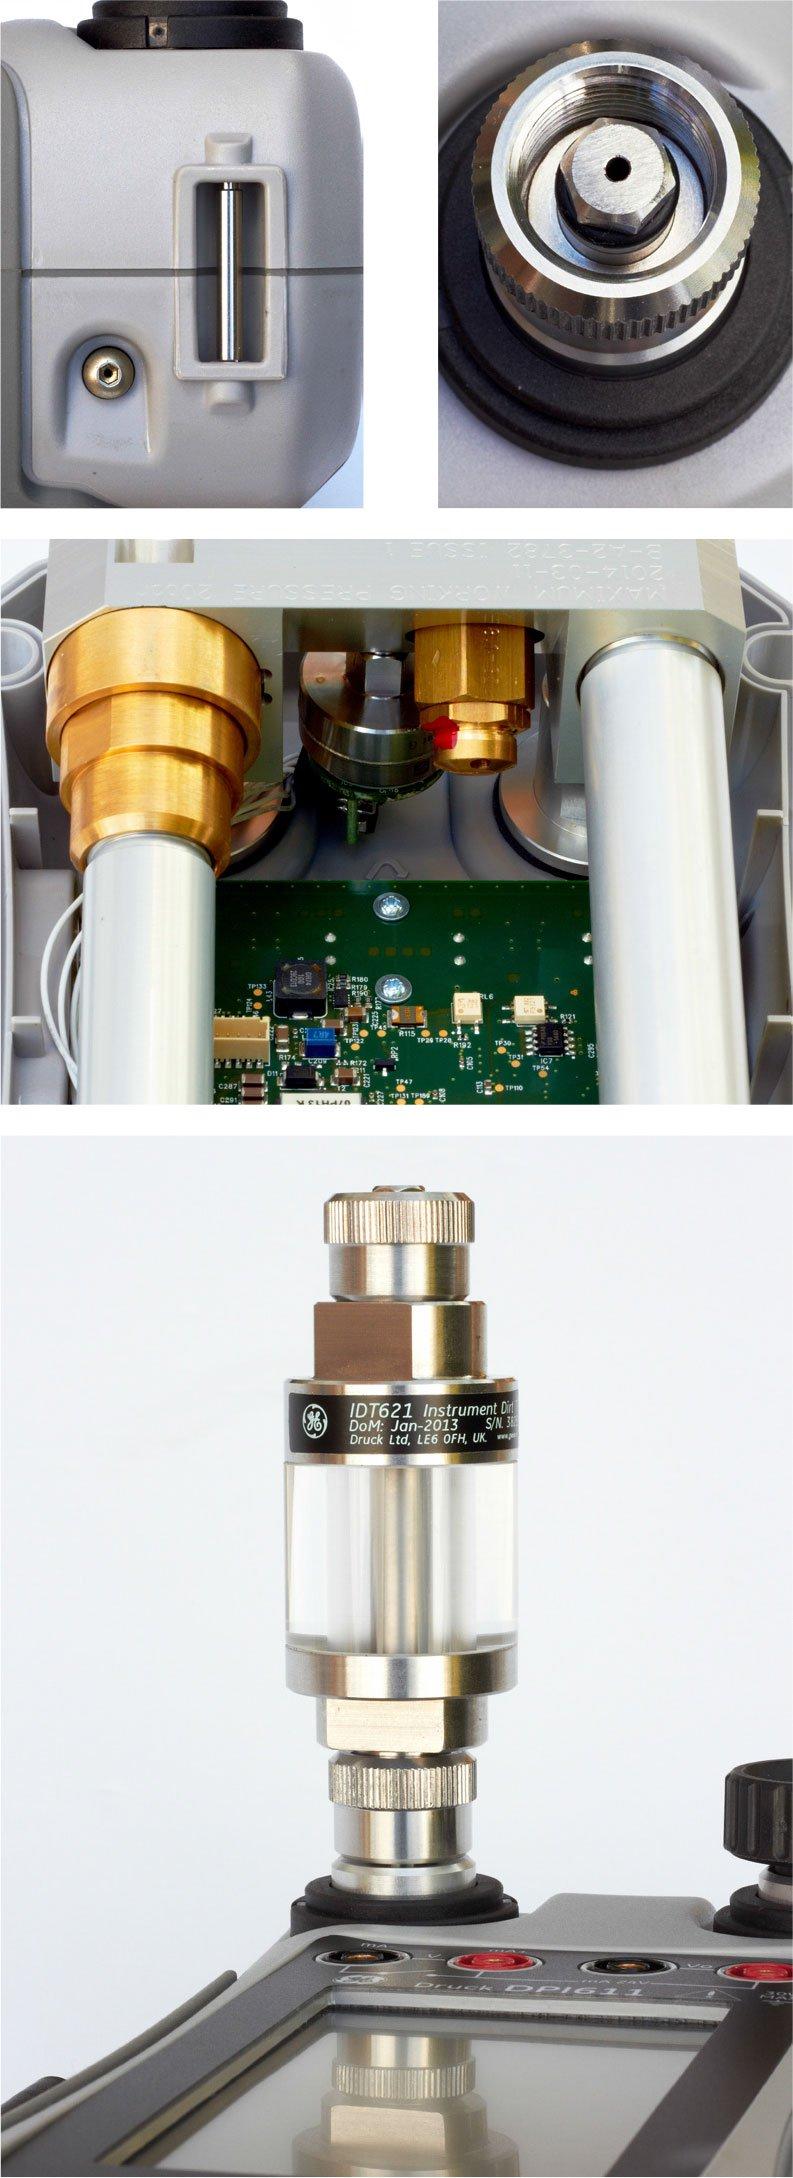 druck pressure calibrator dpi 610 manual